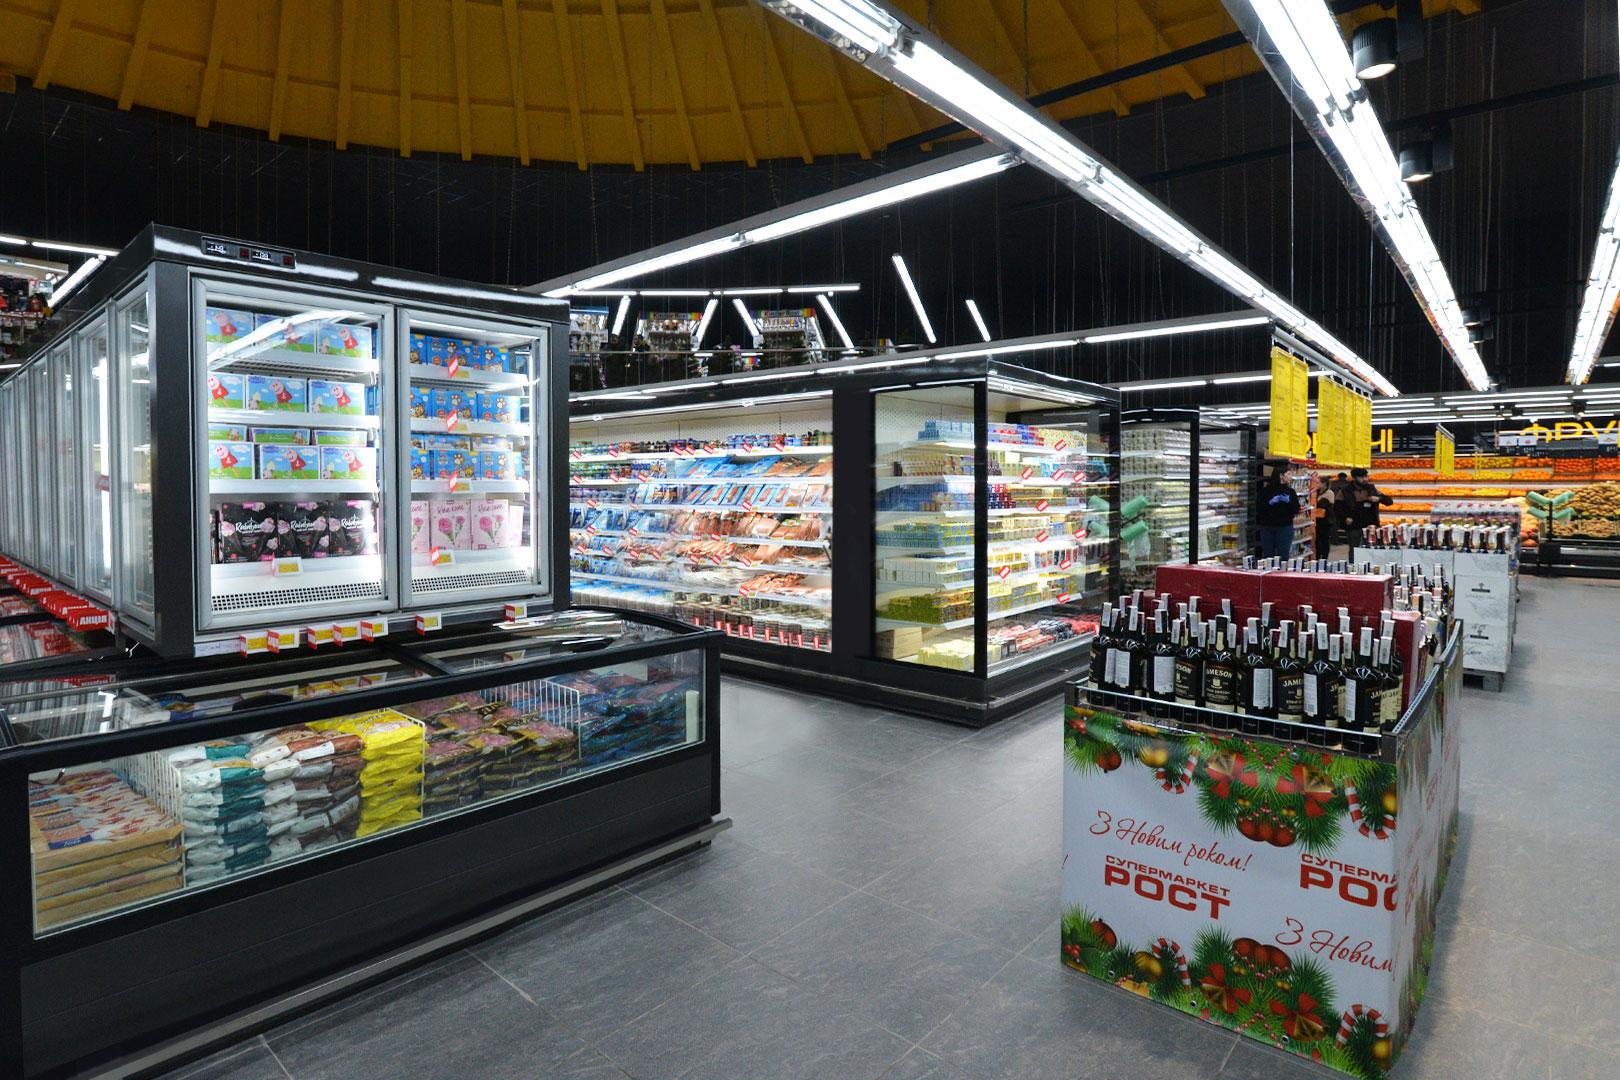 """Витрины для замороженных продуктов Alaska combi 2 SD MHV 110 LT D/C 220-DLM, пристенные витрины Indiana MV 100 MT O 220-DLM в супермаркете """"Рост"""""""